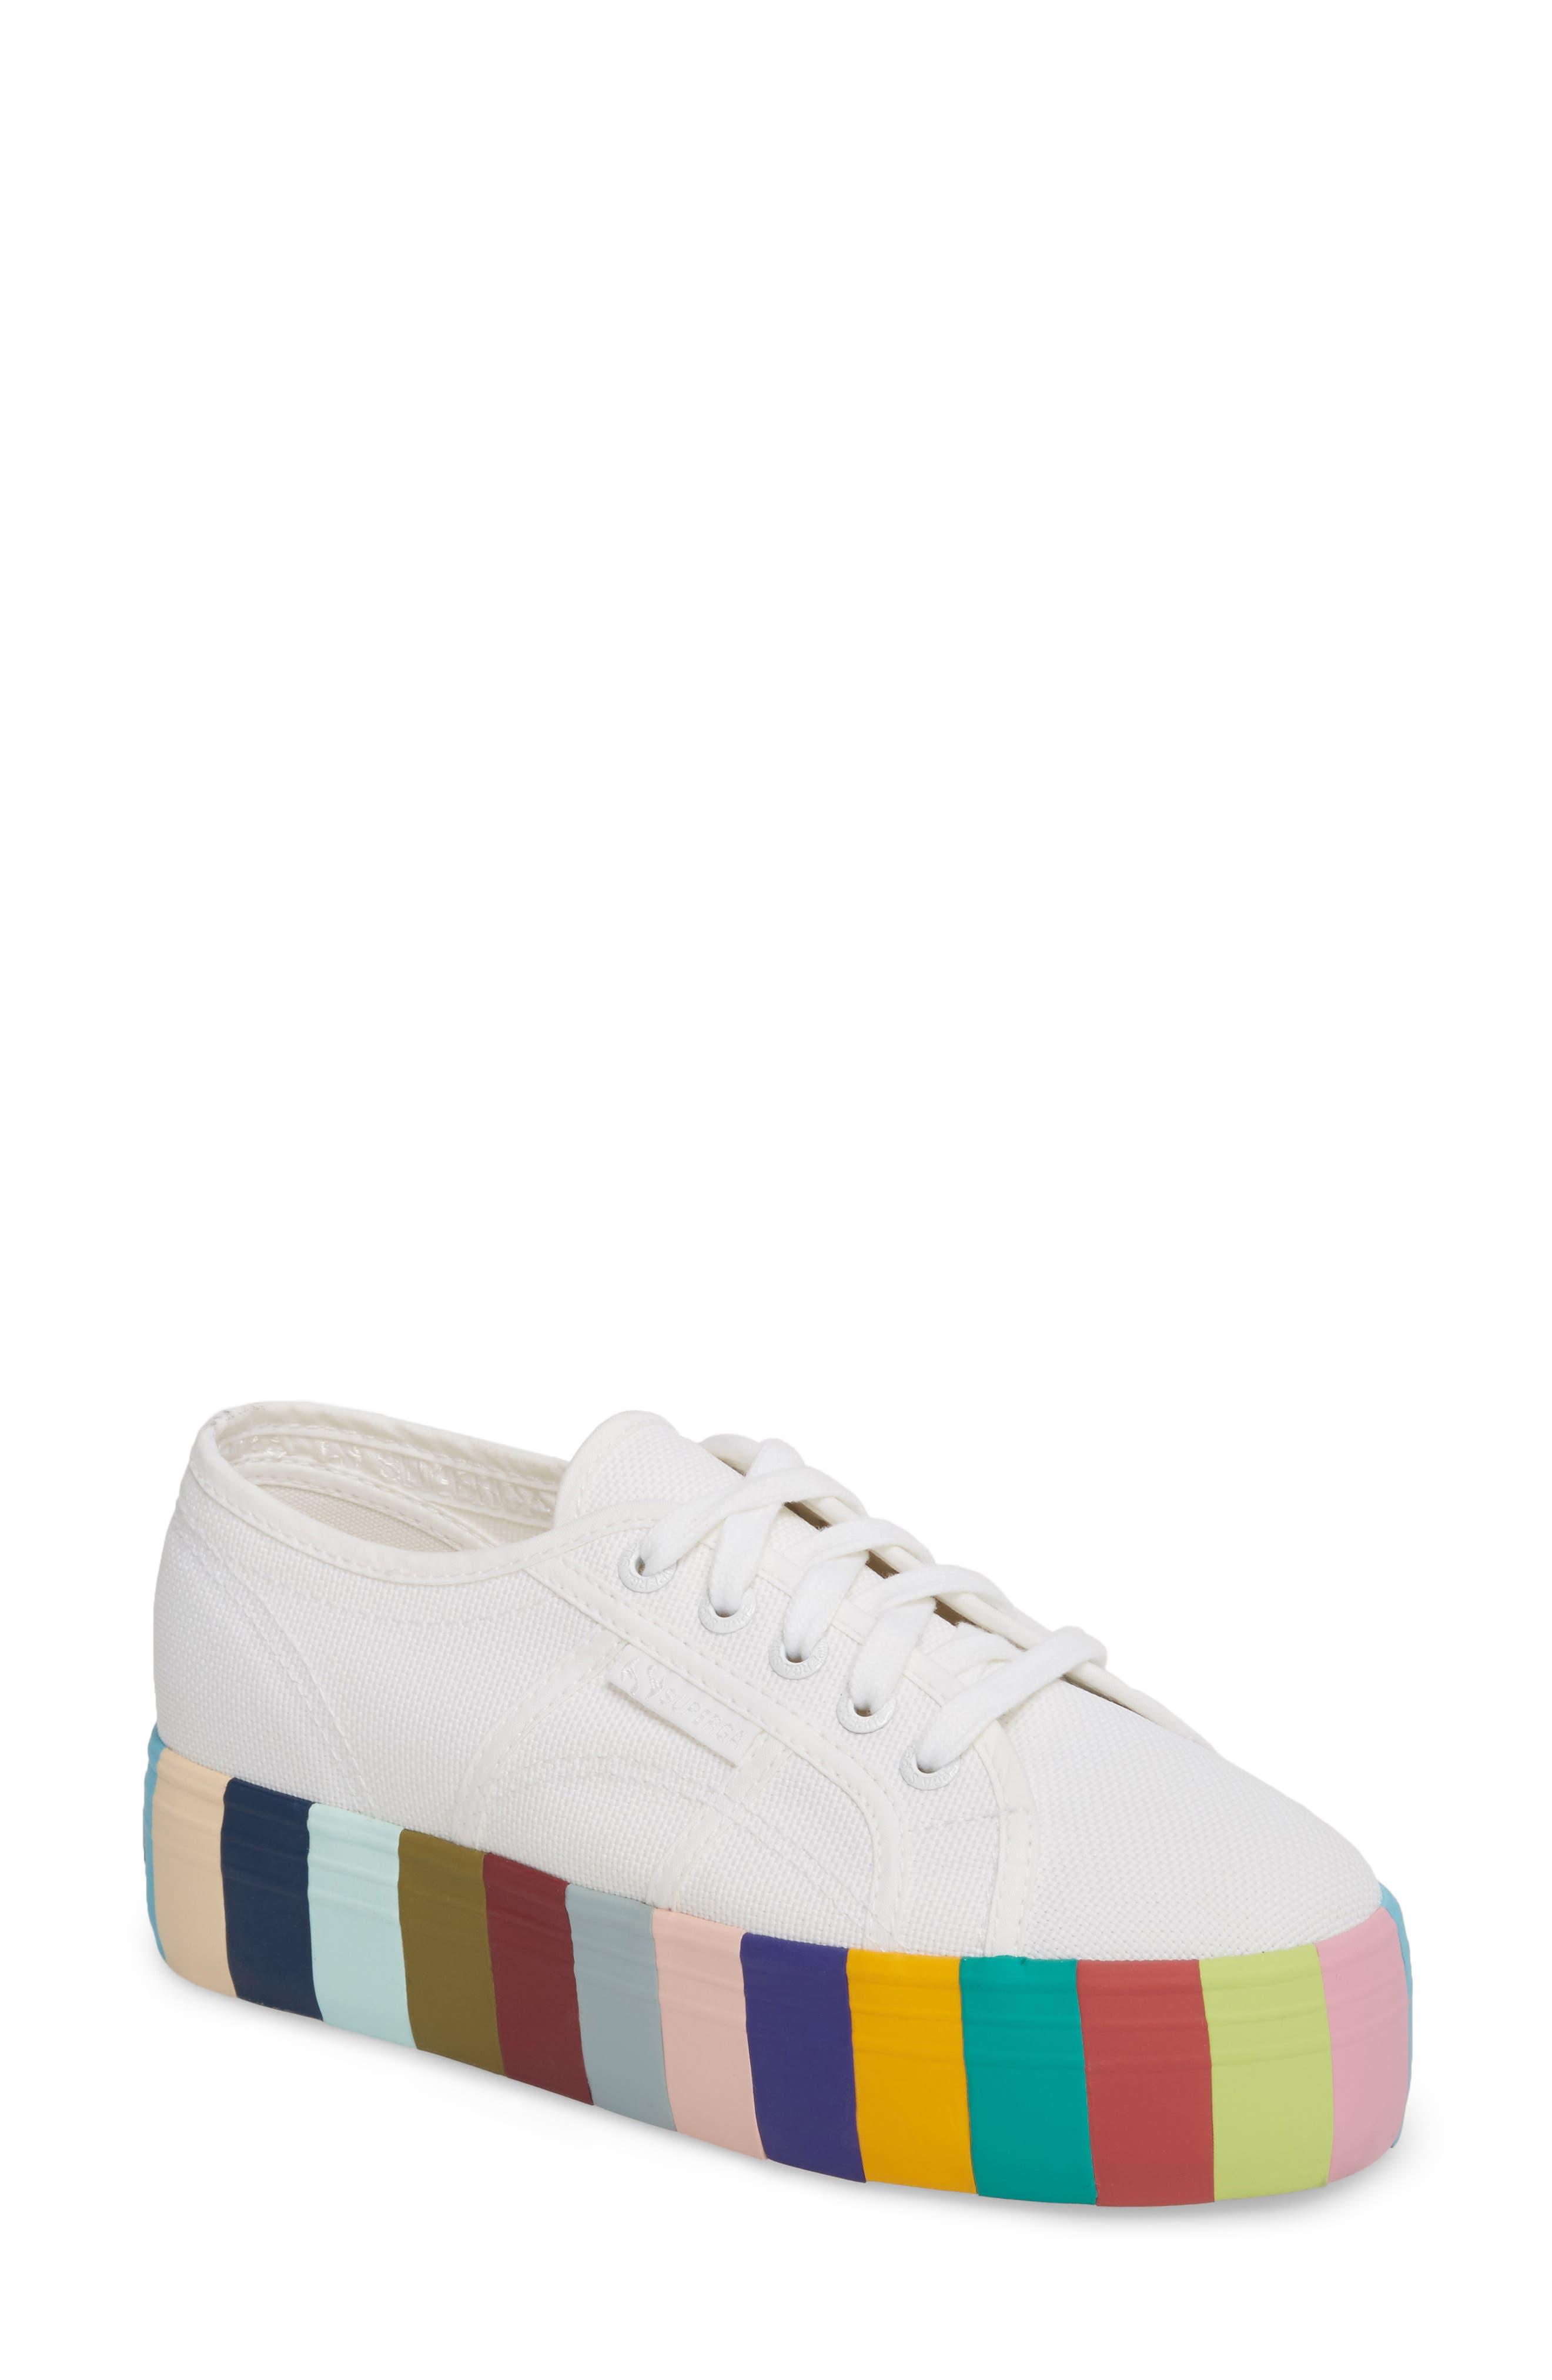 Superga 2790 Stripe Platform Sneaker (Women)